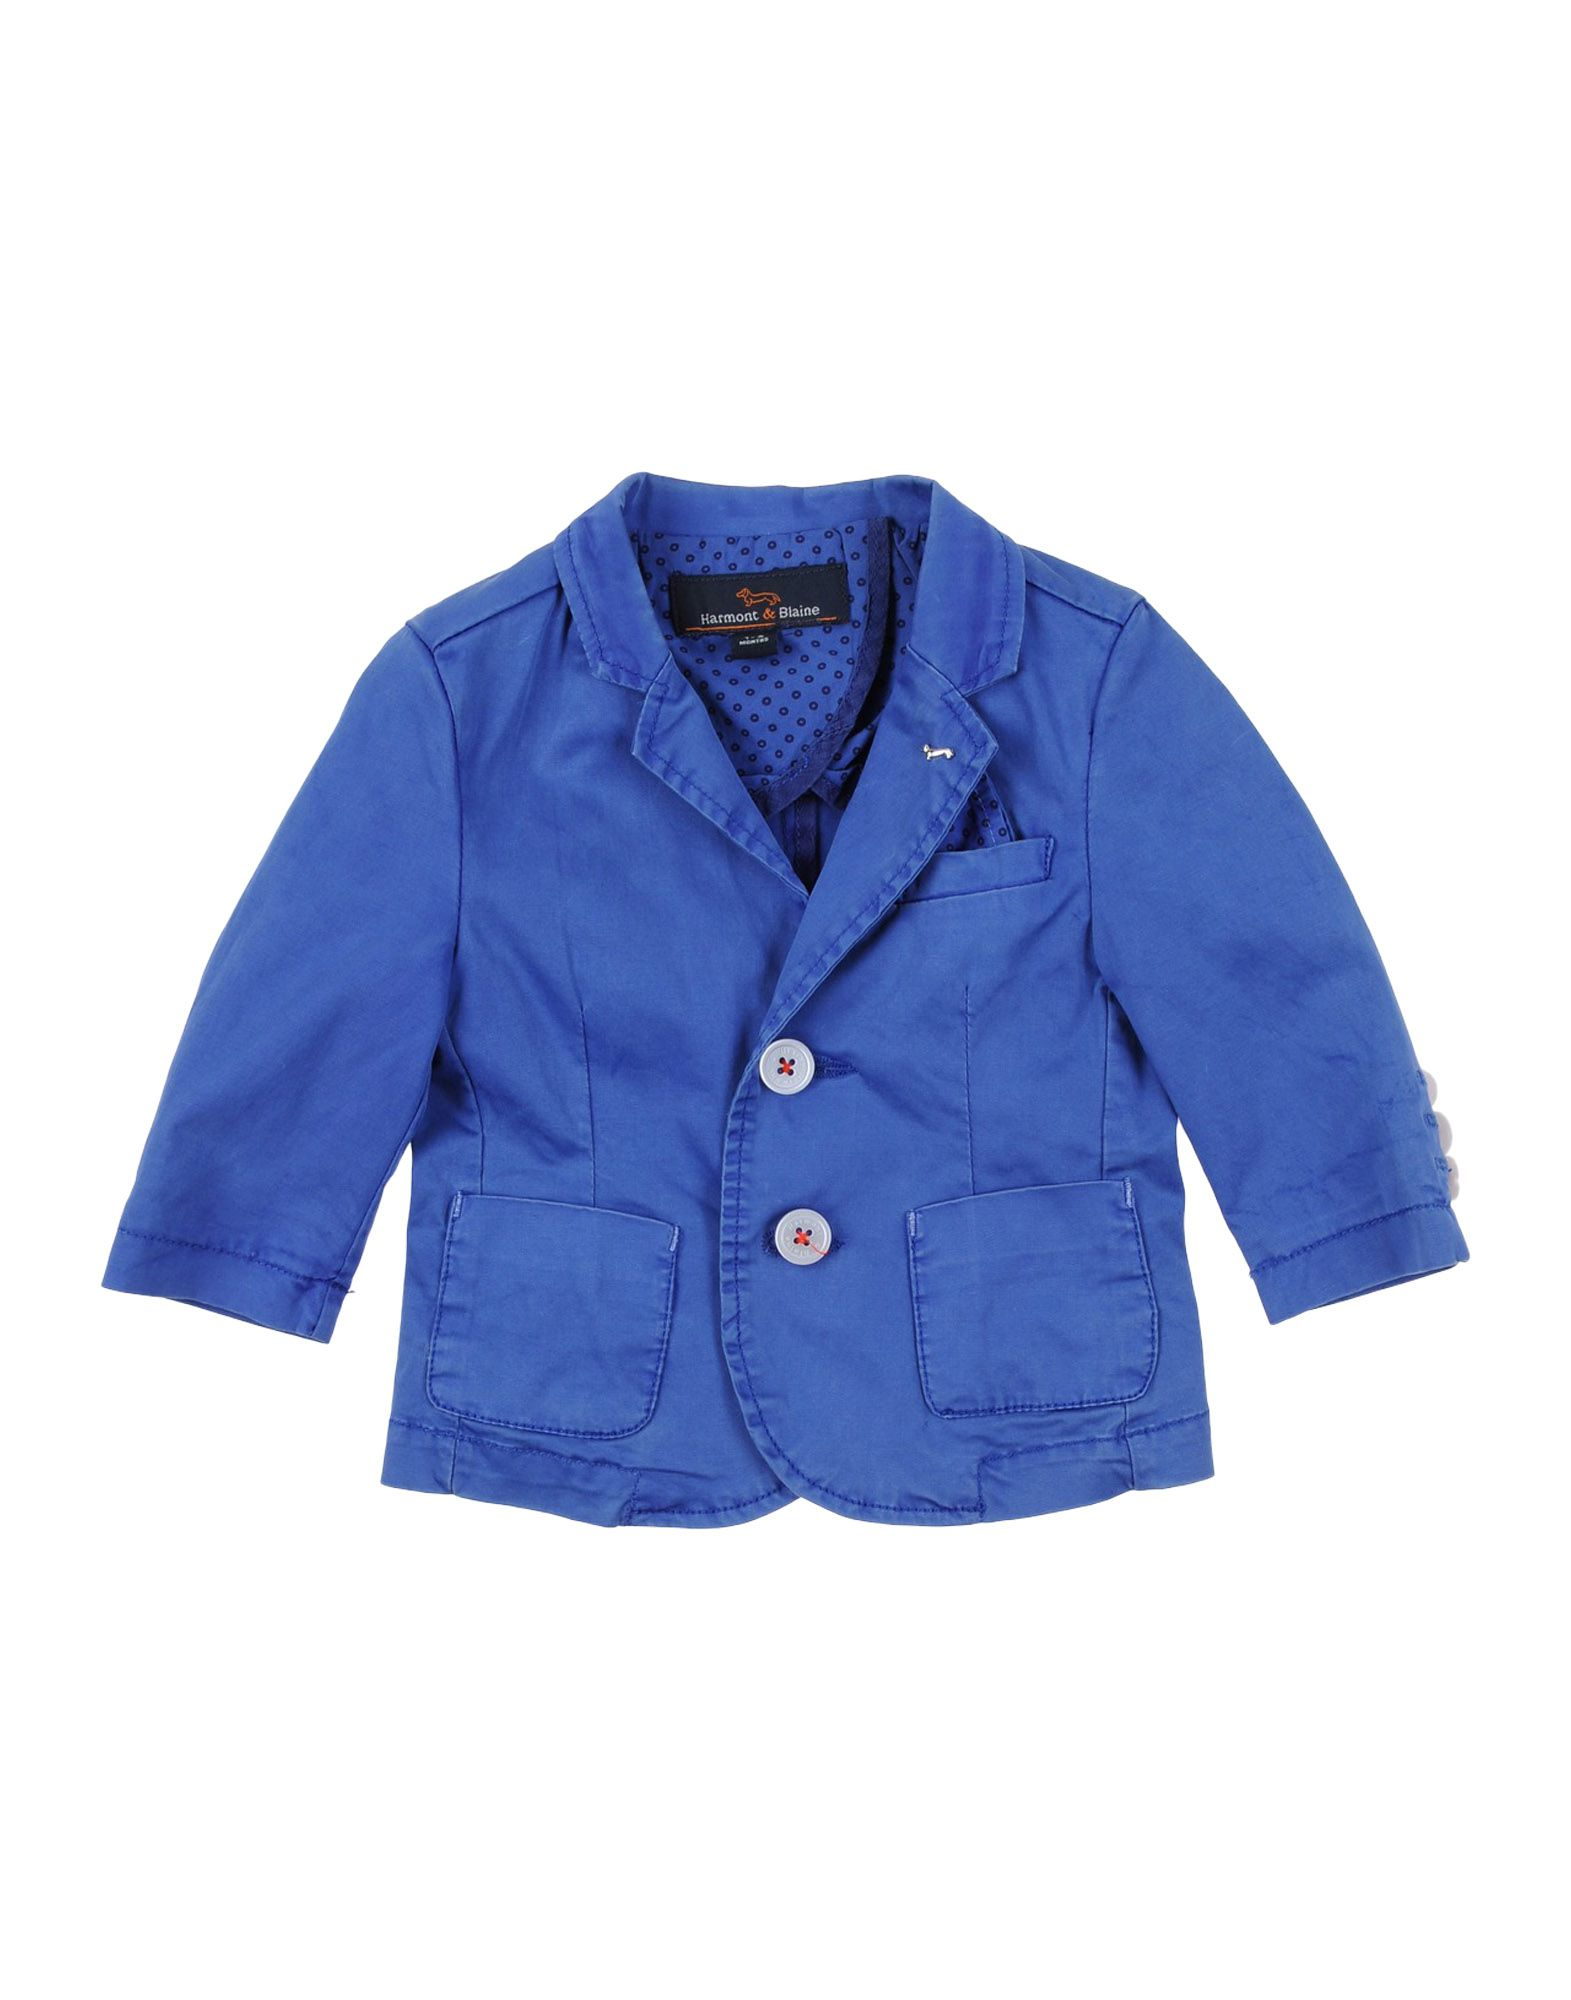 HARMONT&BLAINE Jungen 0-24 monate Jackett Farbe Taubenblau Größe 6